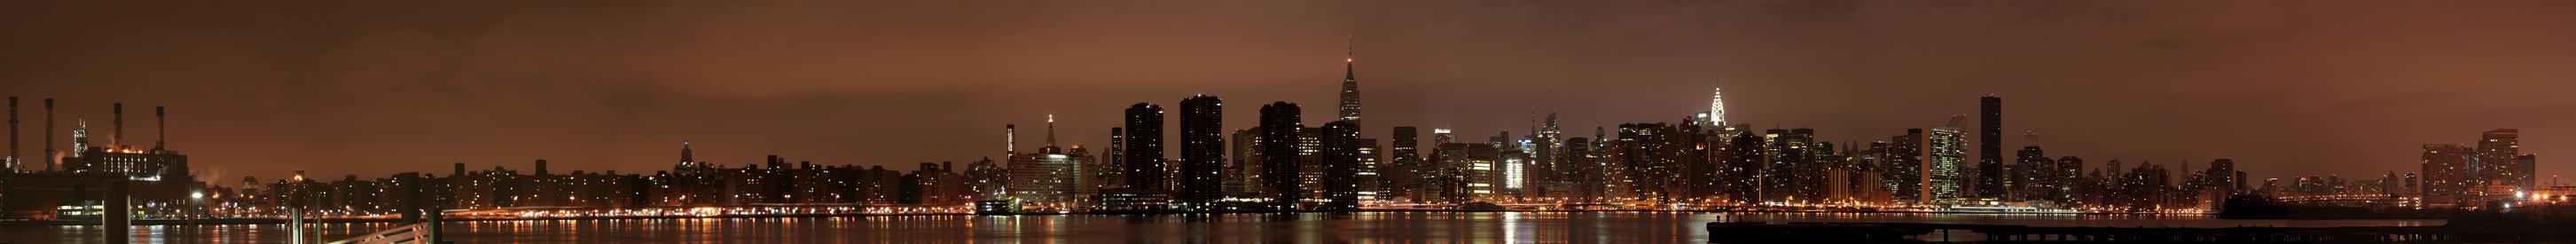 Manhattan Panorama by TheCSJones